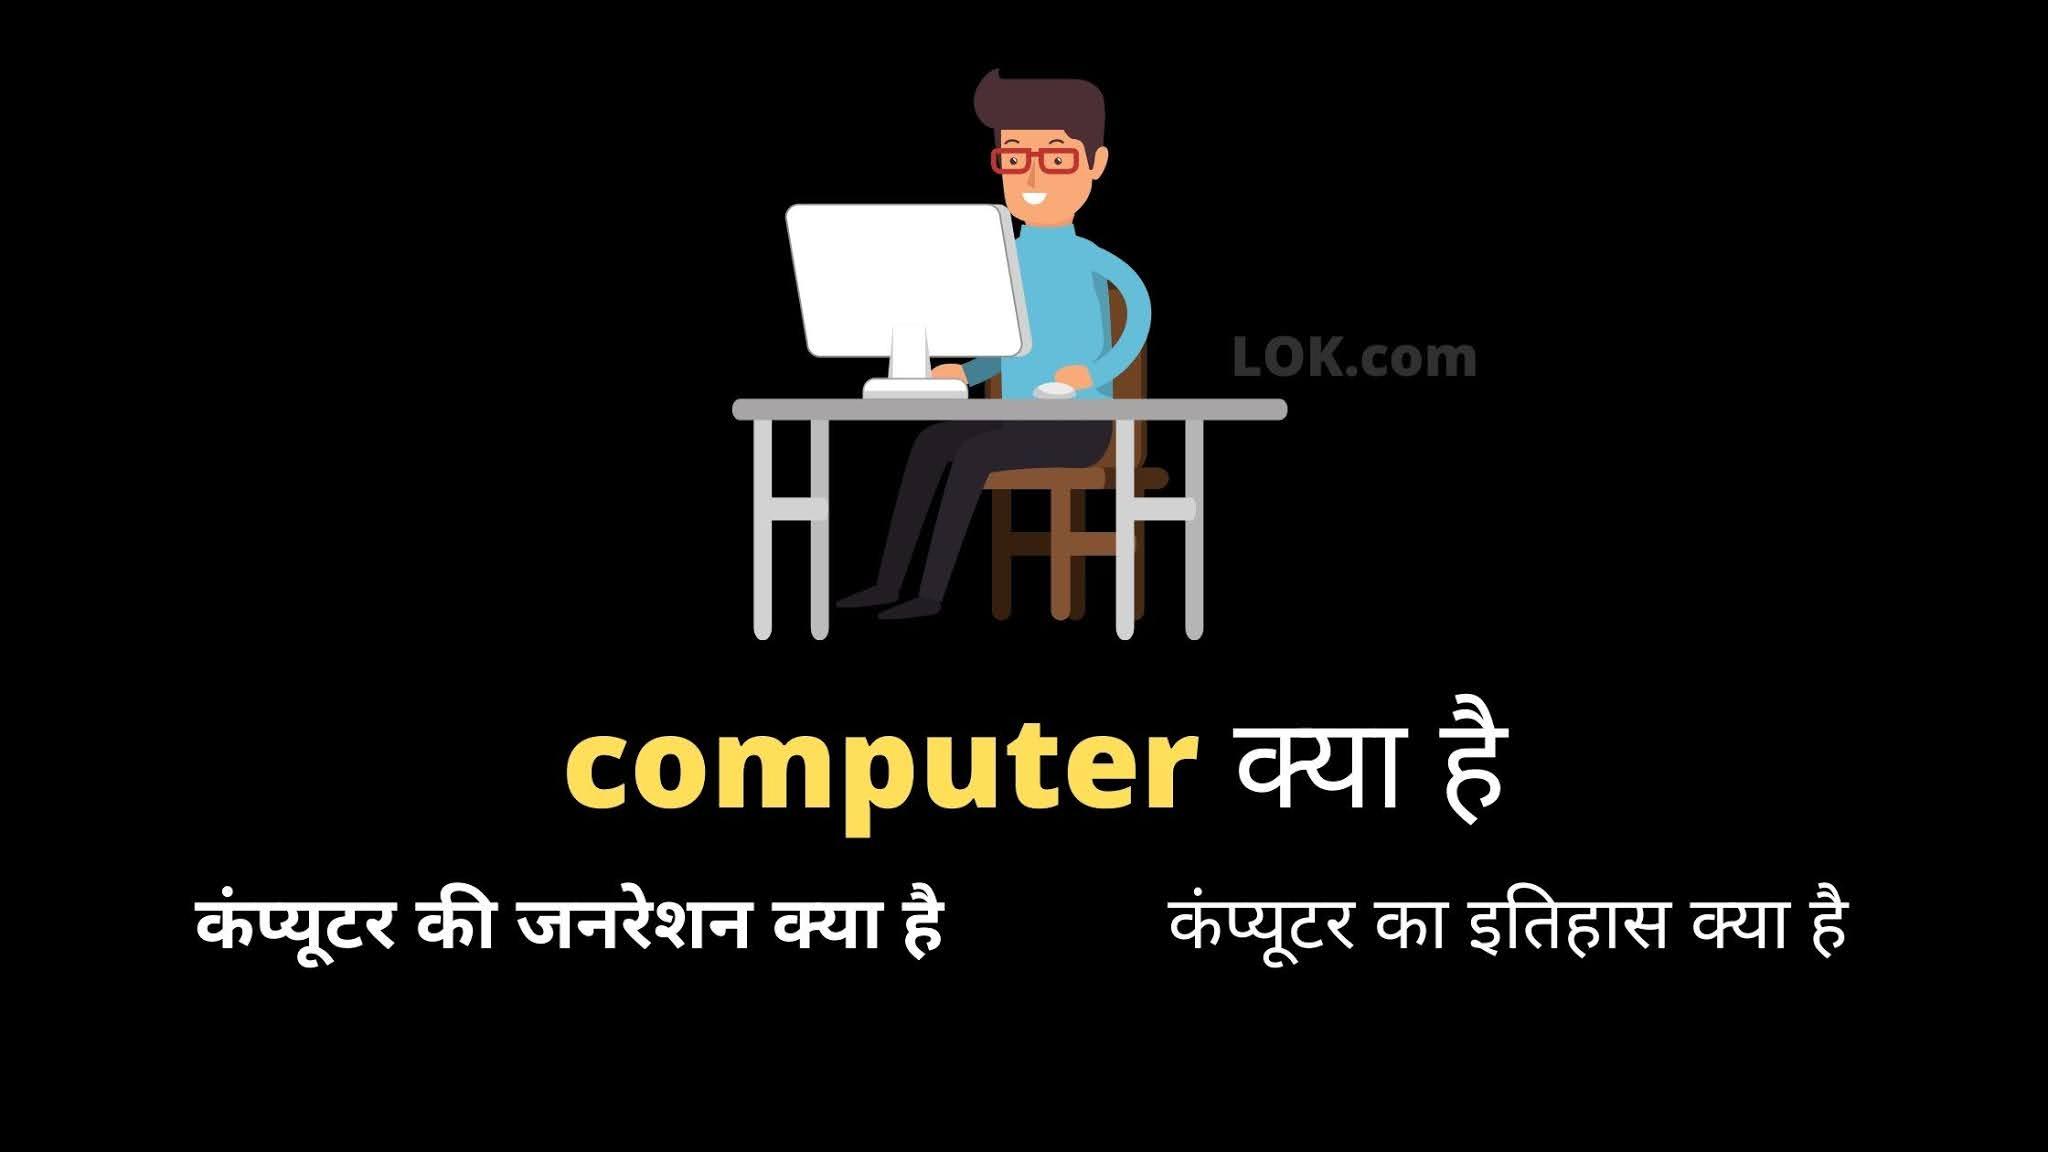 Computer kya hai 2021